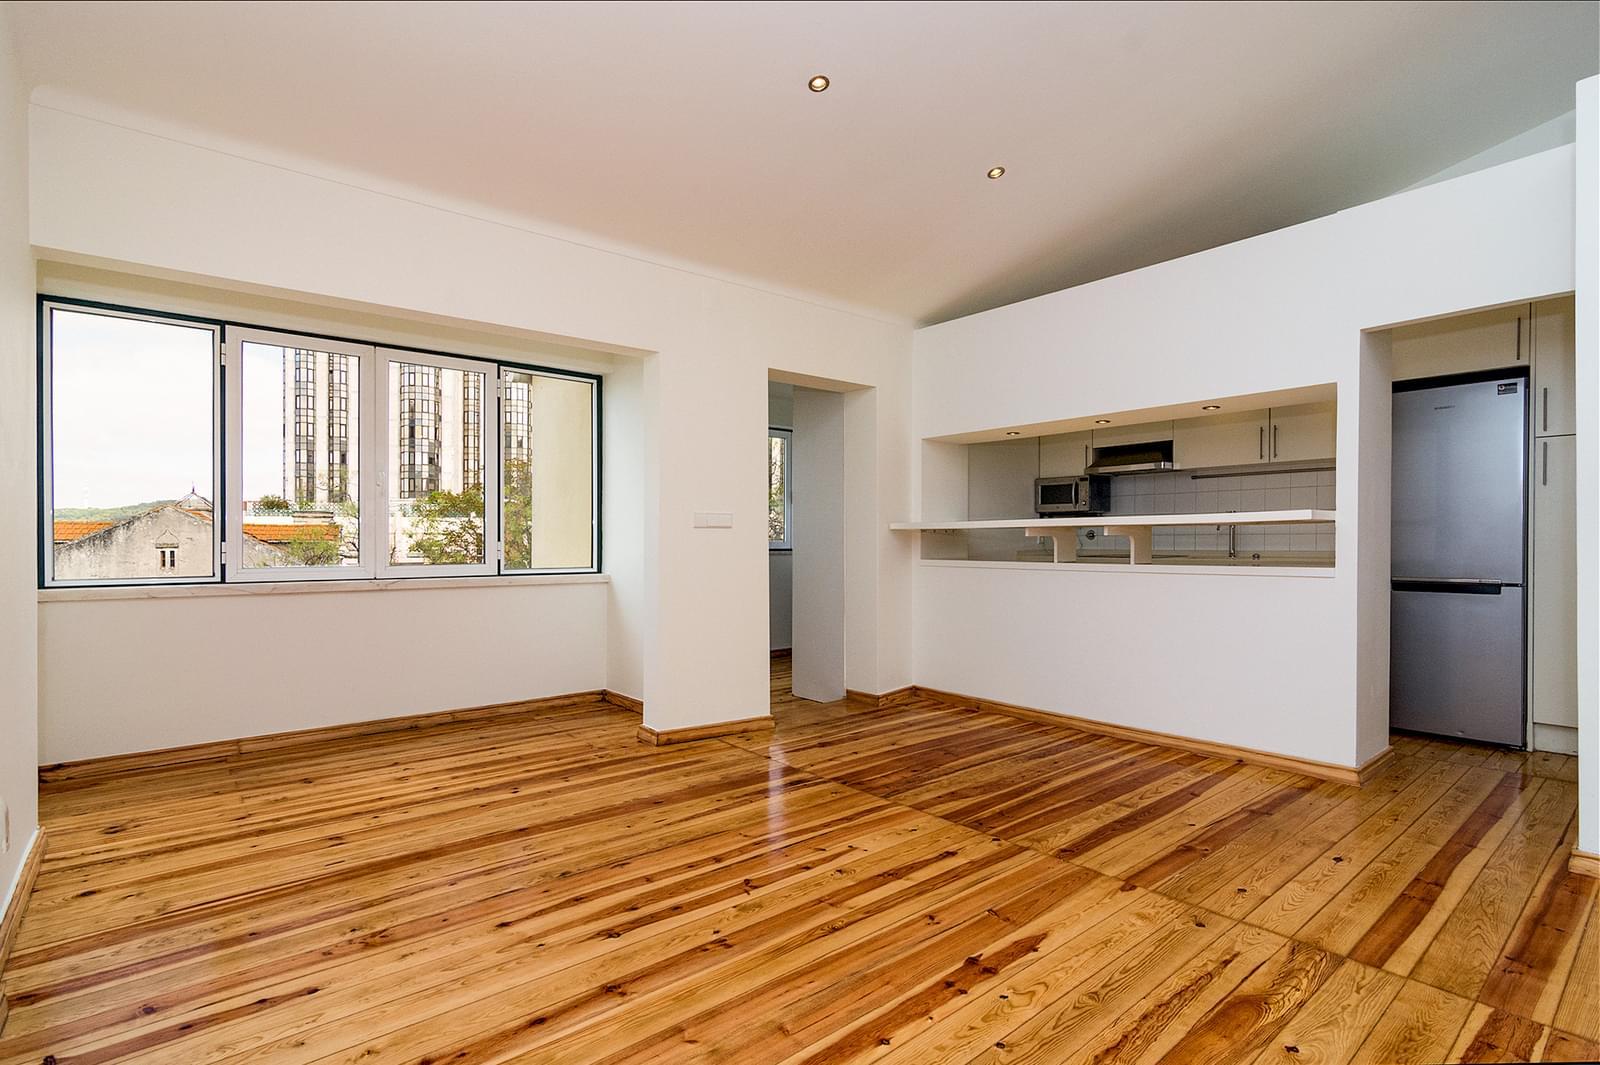 pf17176-apartamento-t0-lisboa-24b7aeba-883b-43e0-b7f2-90de759a3e95